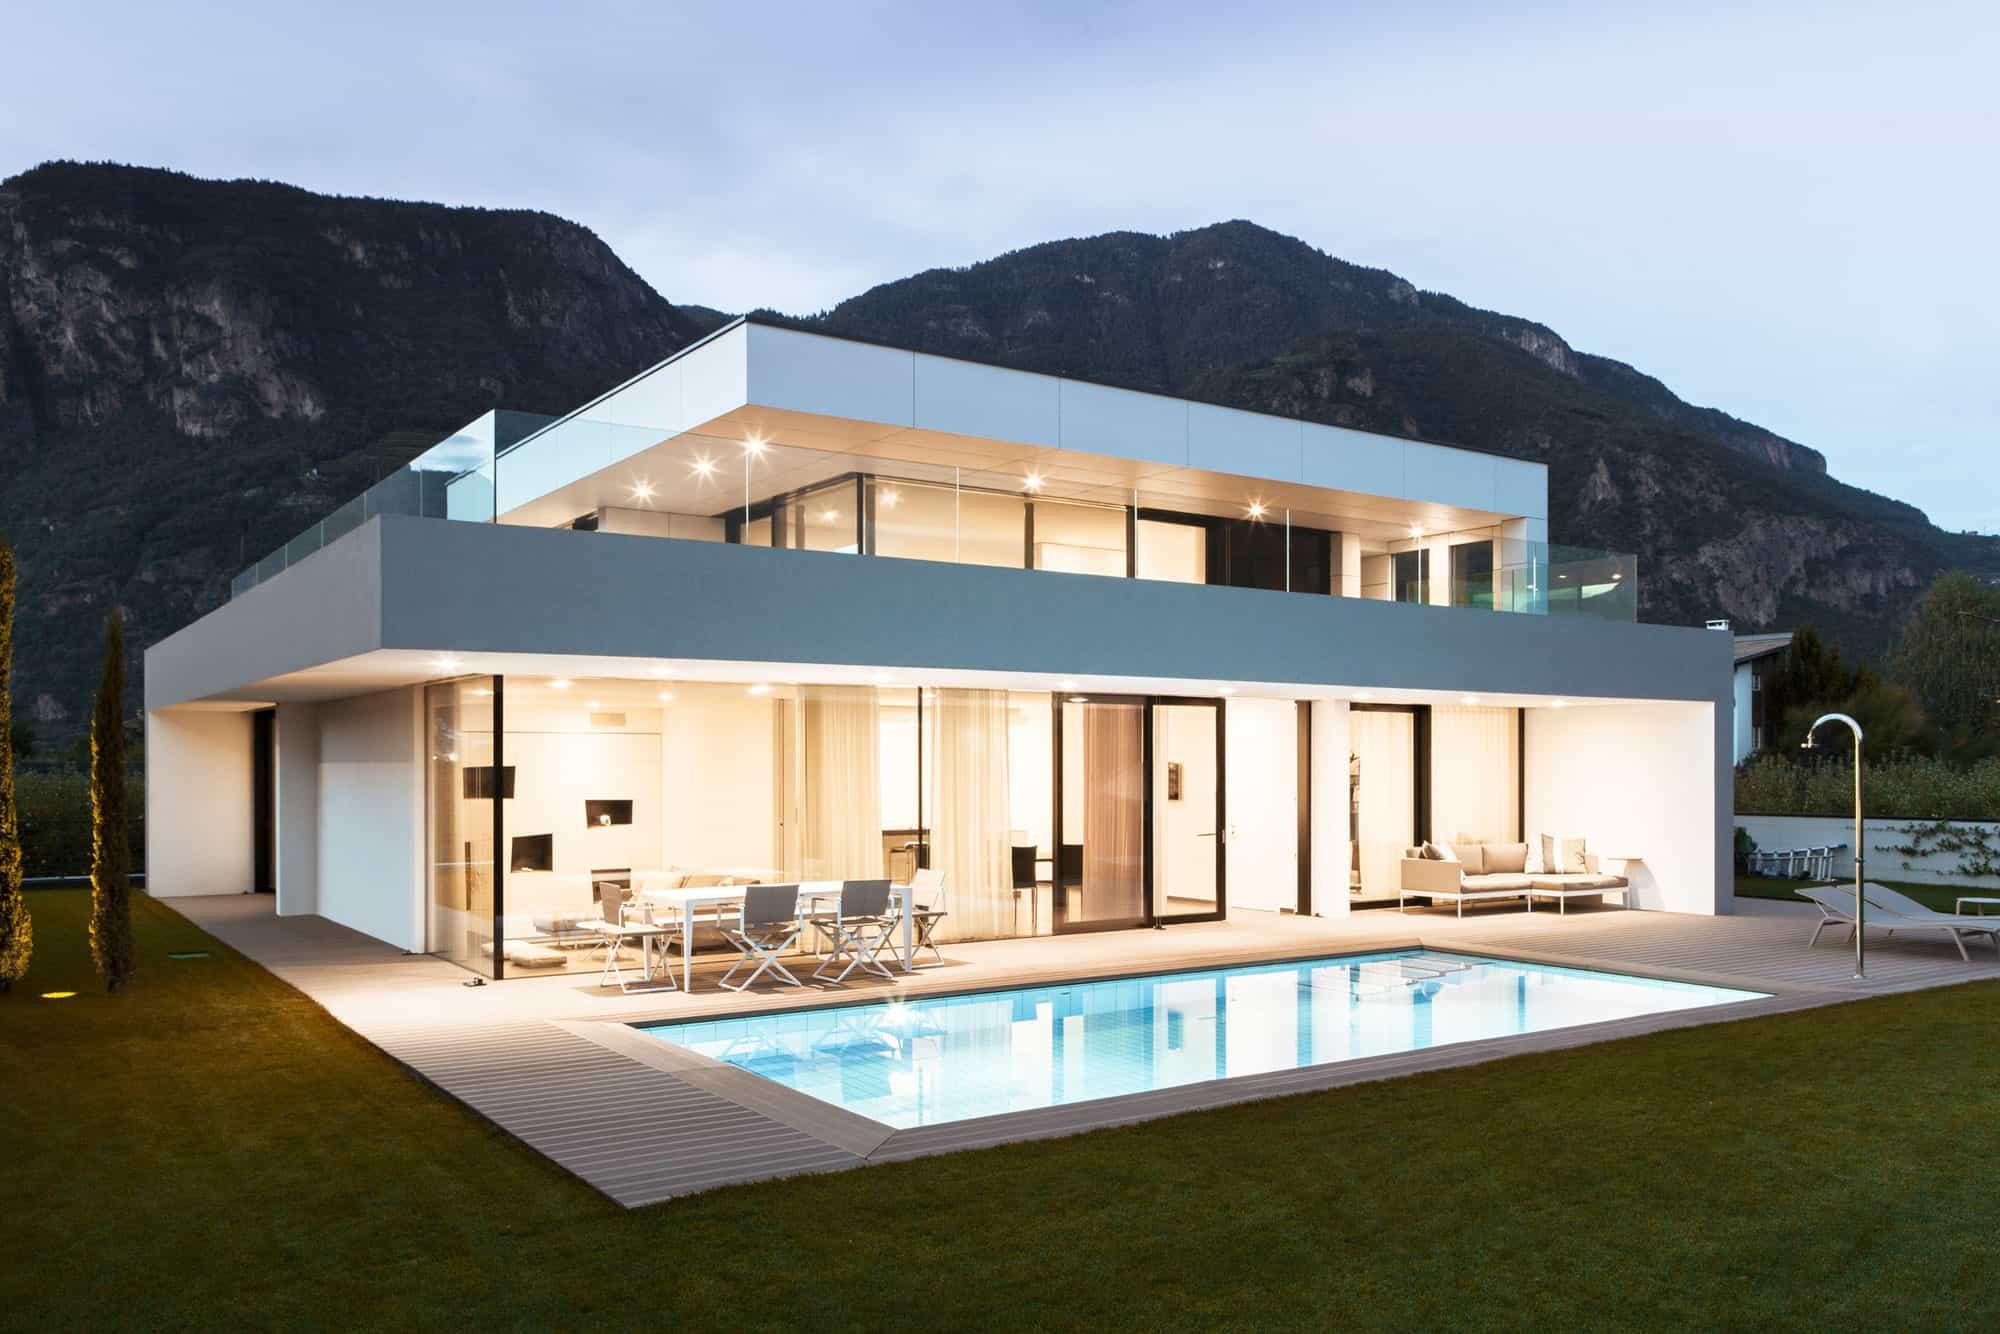 Elevation Haus Preis M2 - linearsystem.co - Home Design Ideen und ...